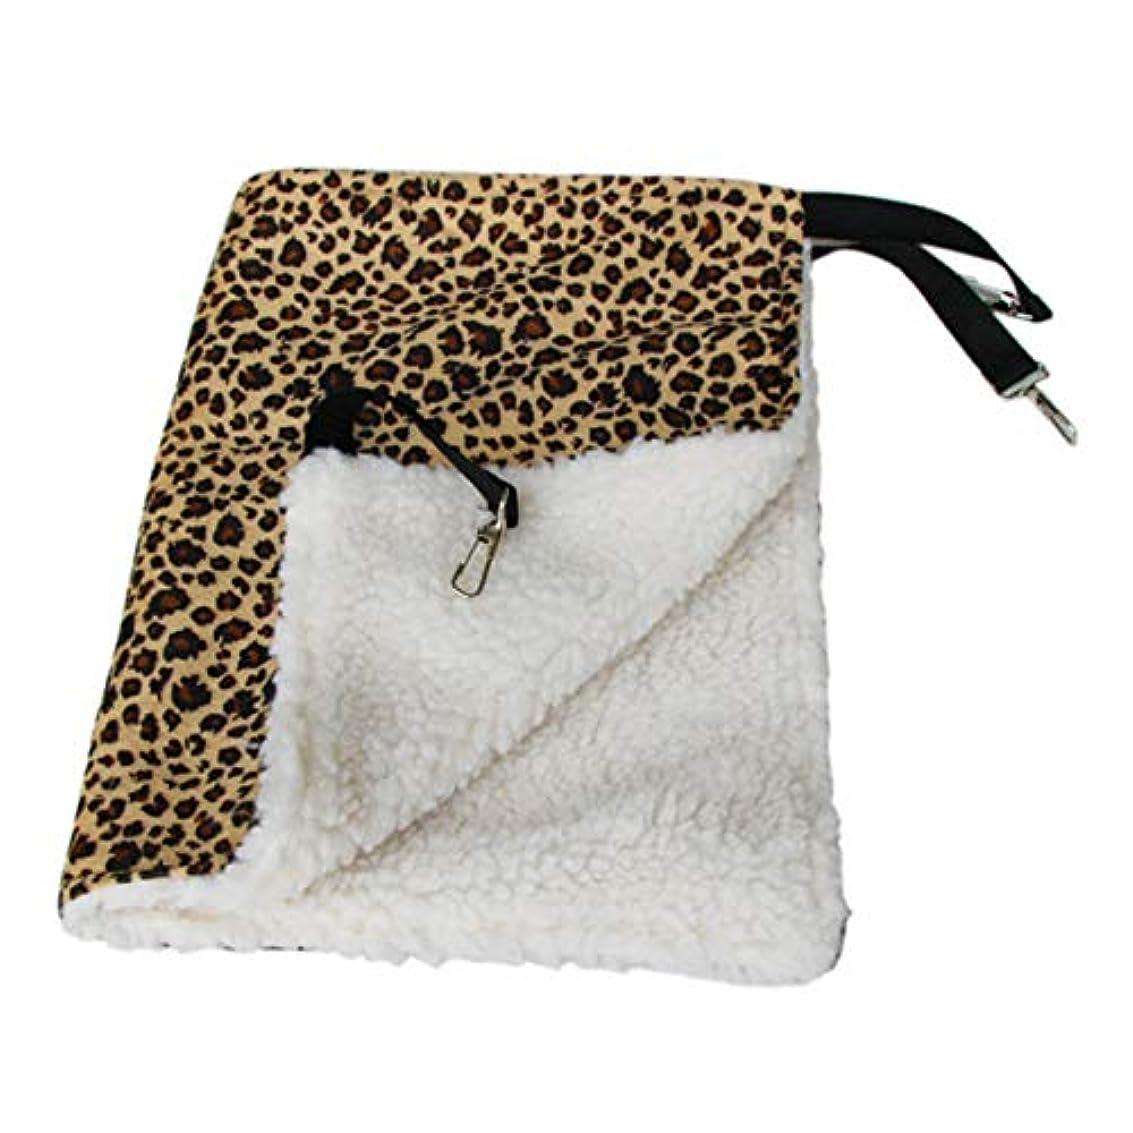 動かない蛾葉っぱSaikogoods 暖かいハンギング猫ベッドマットソフトキャットハンモック冬ハンモックペット子猫ケージベッドカバークッションエアベッドペット 黄 L